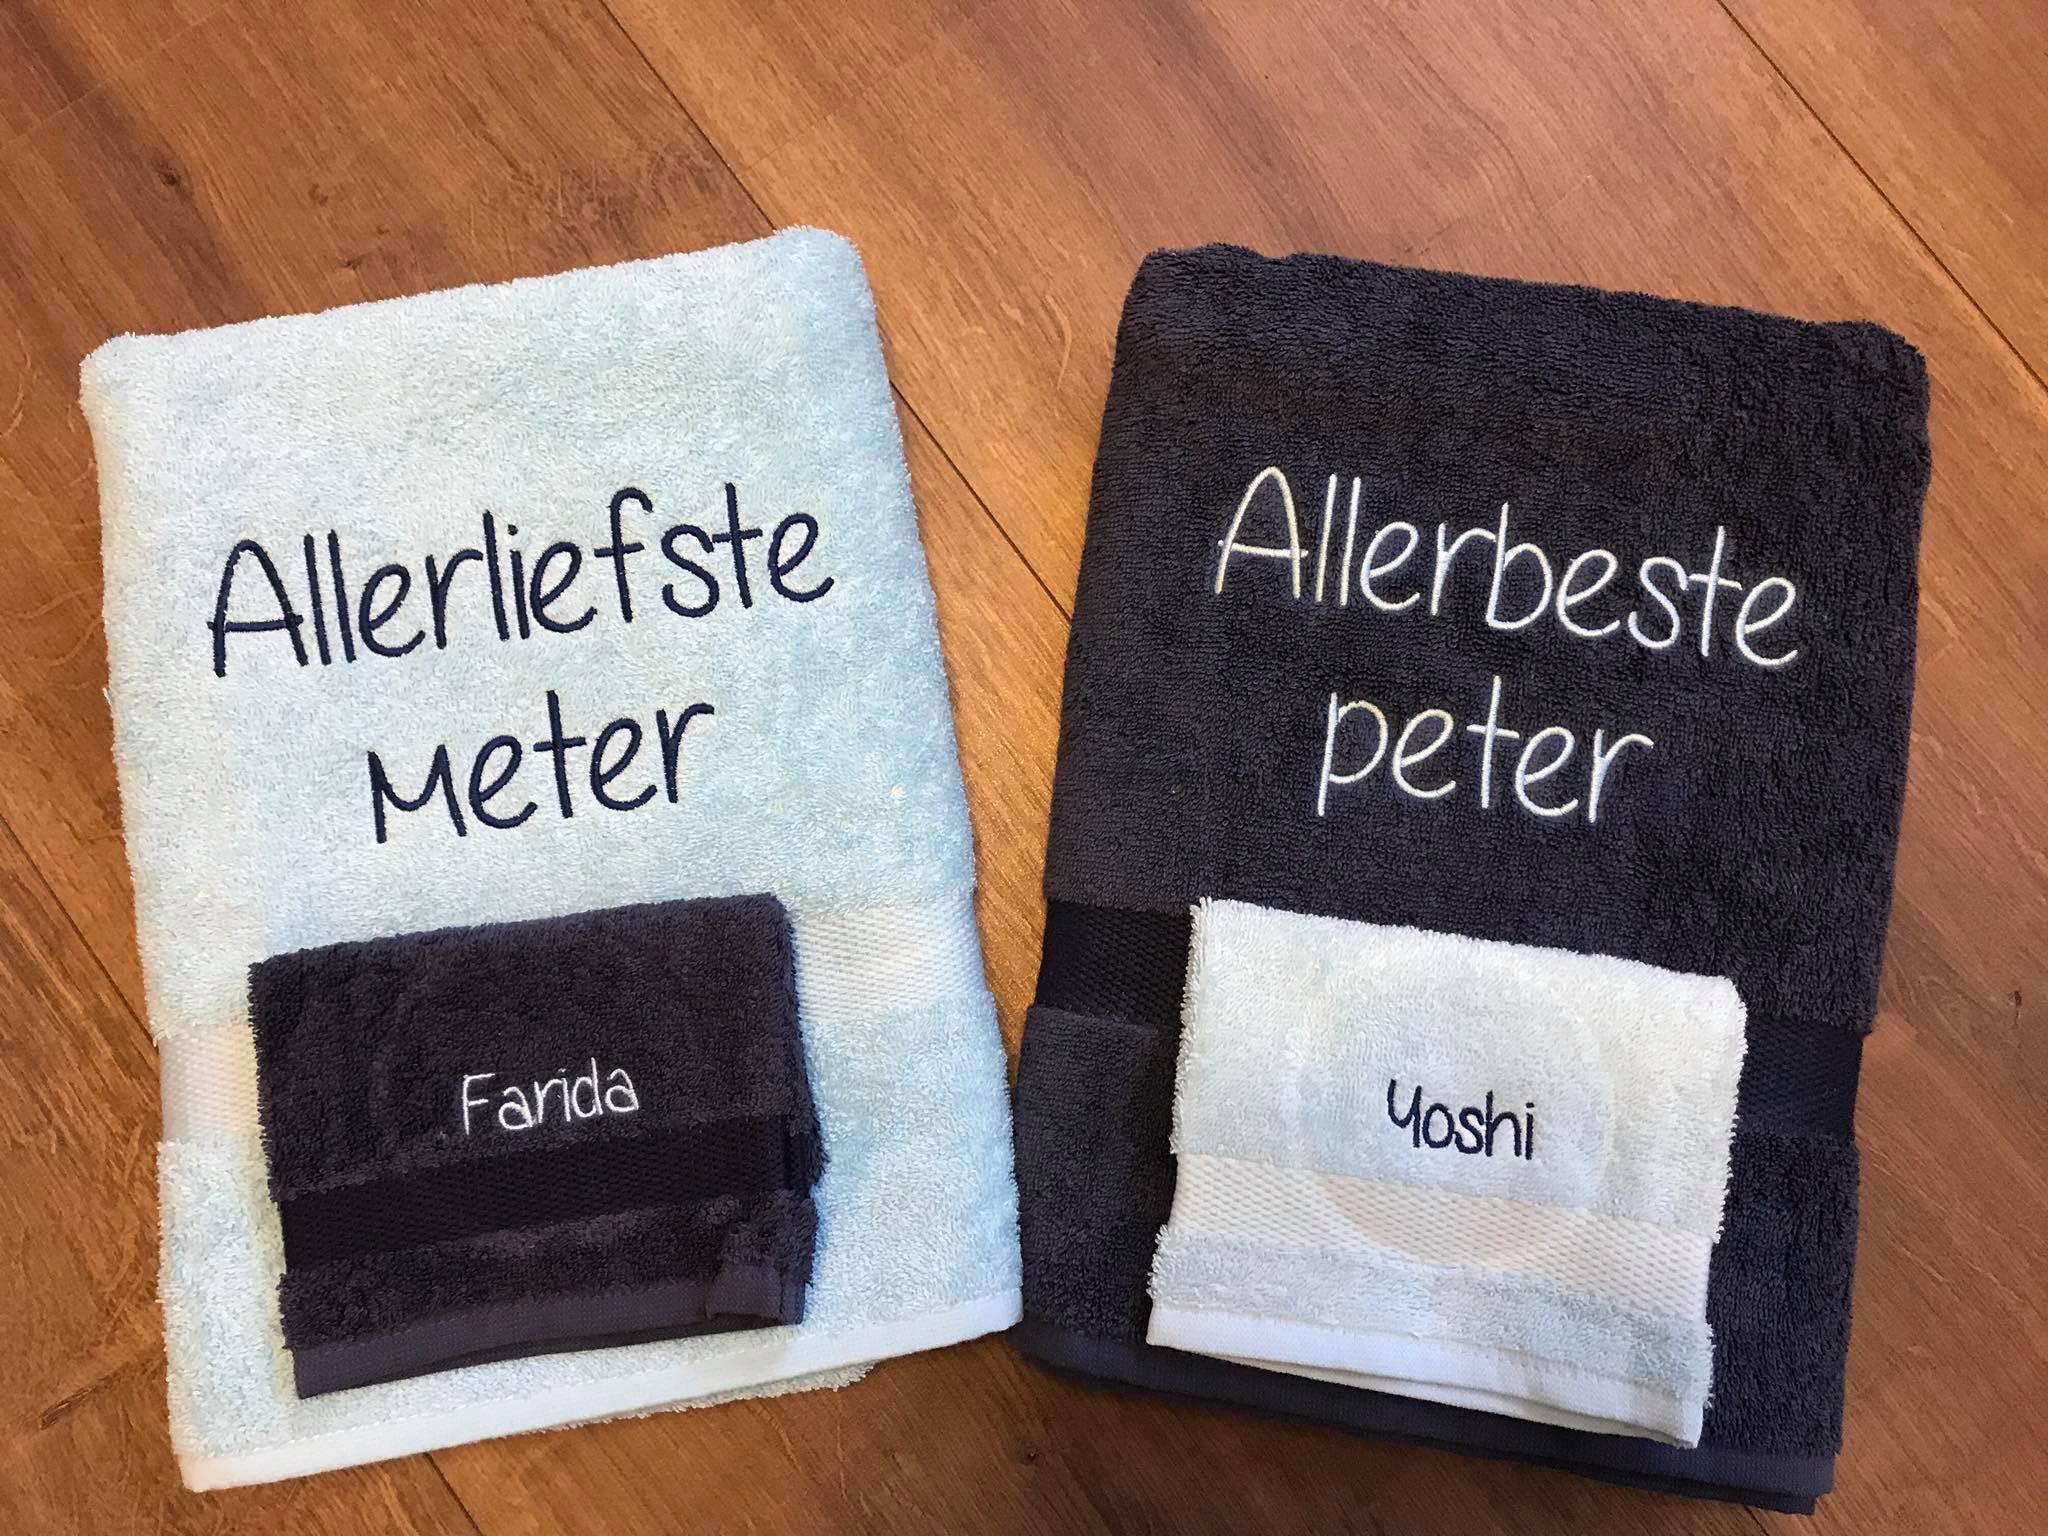 Badgoed voor peter & meter